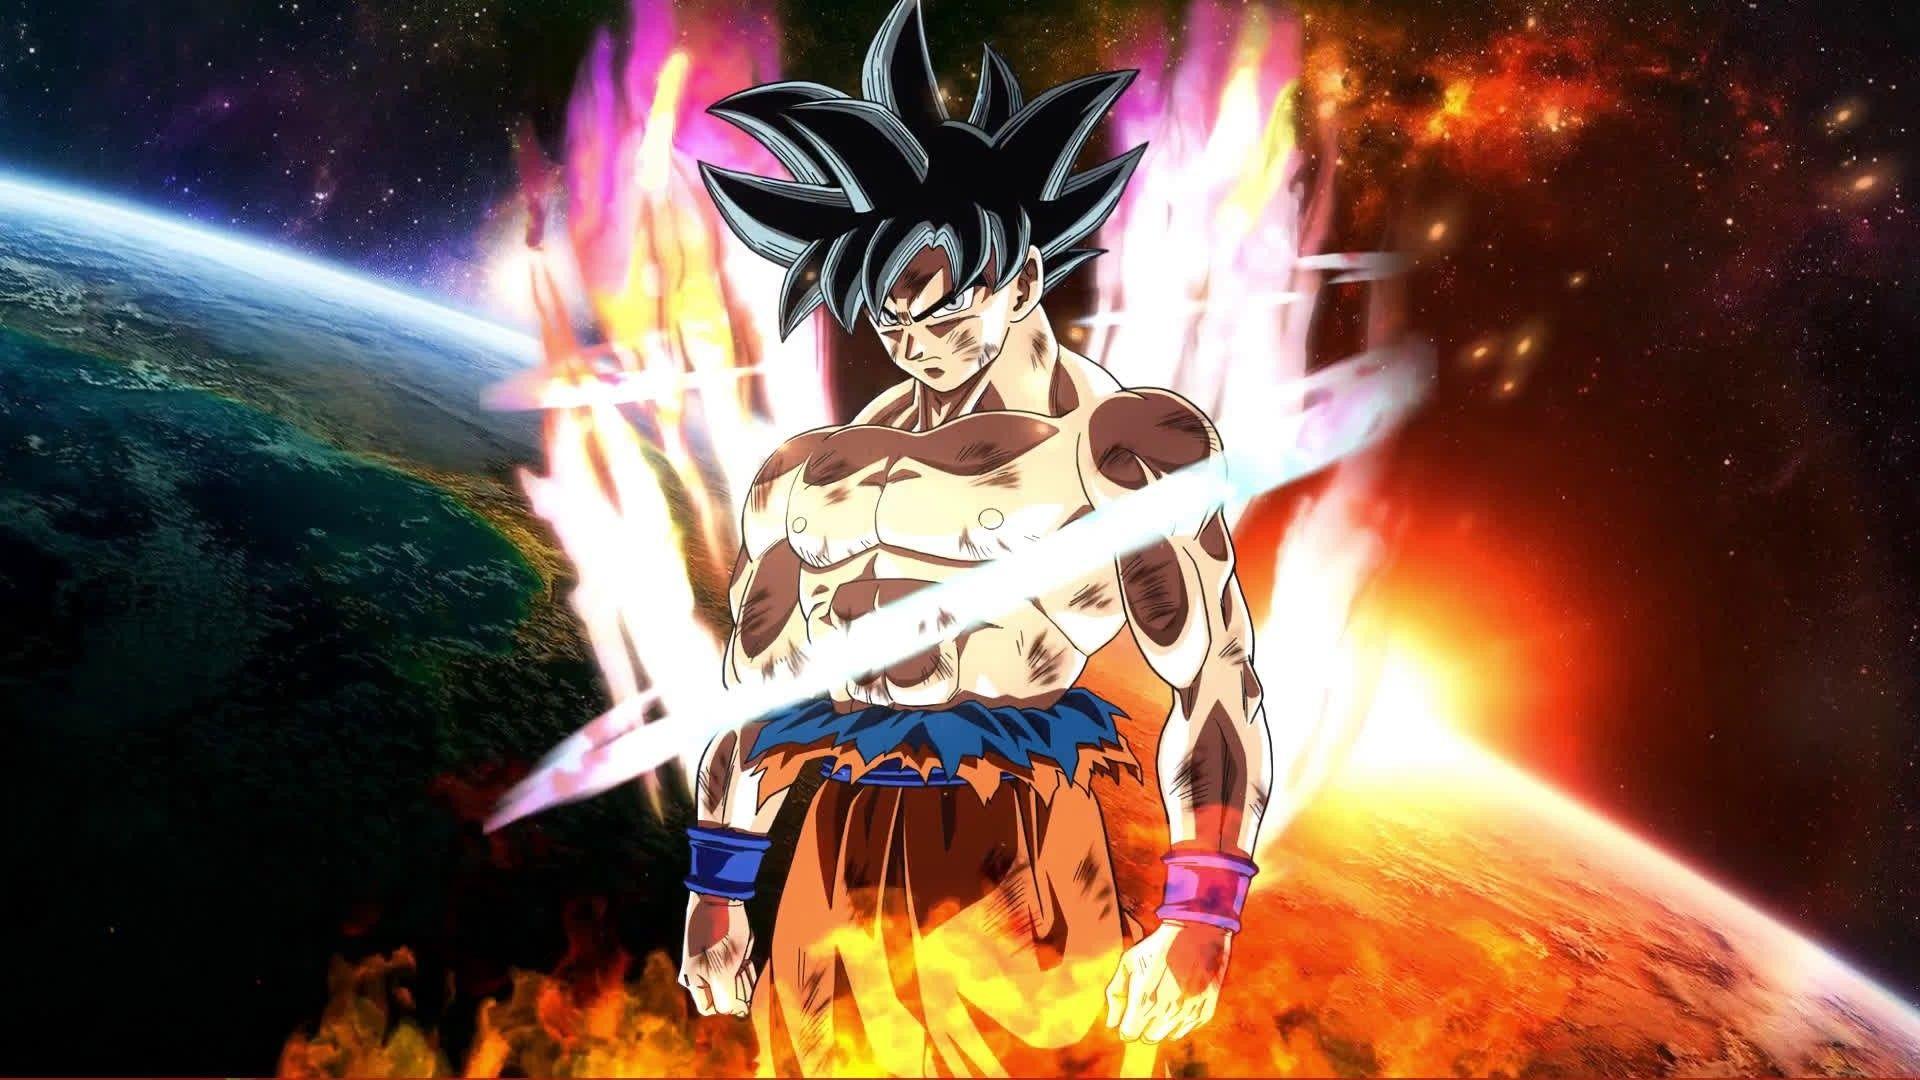 Beautiful Ultra Instinct Goku 3d Wallpaper